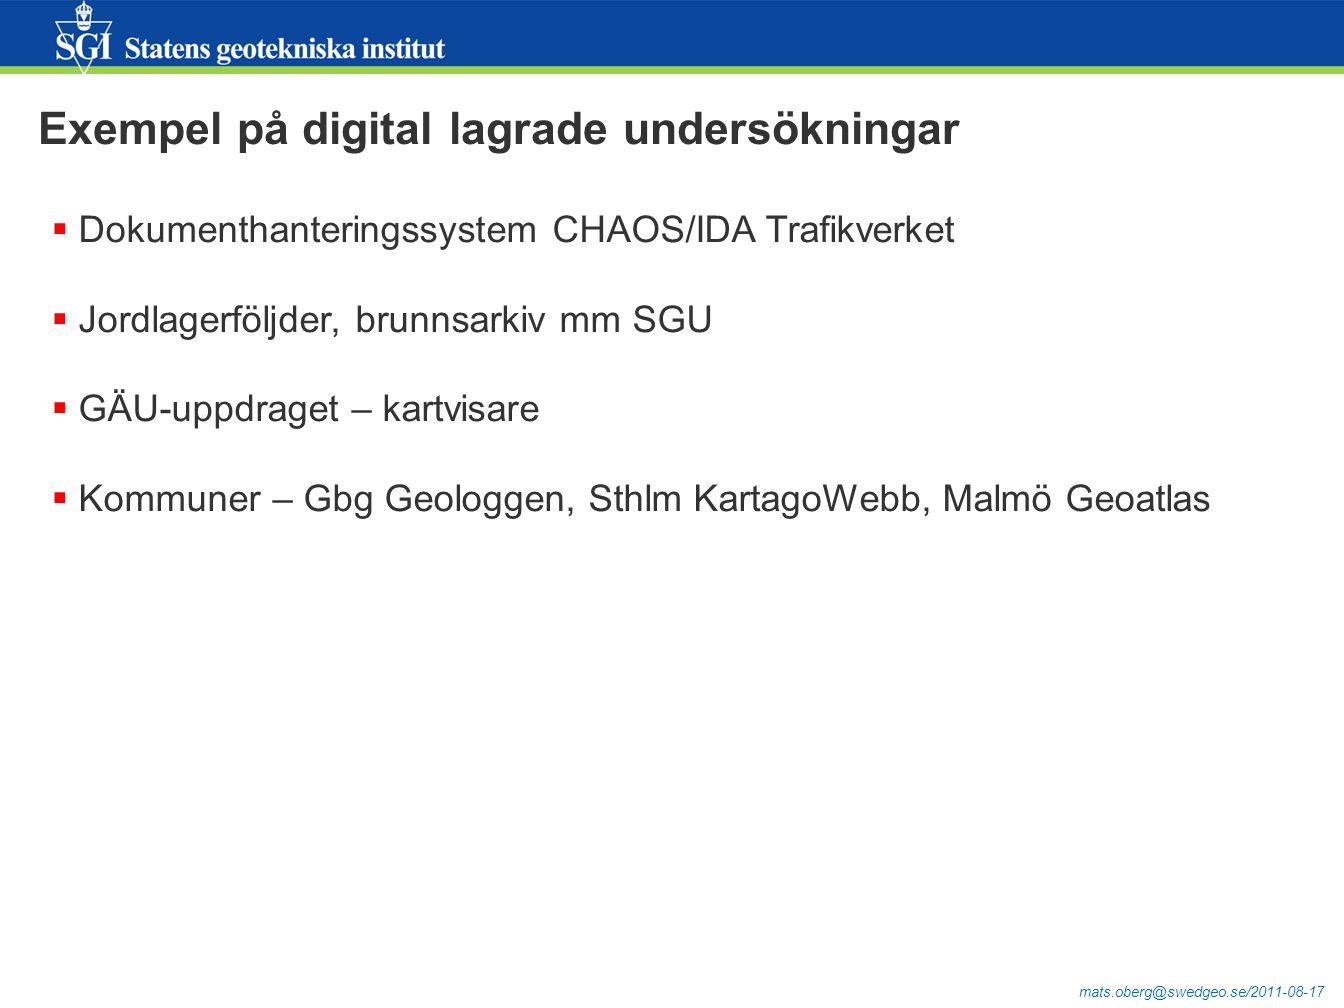 mats.oberg@swedgeo.se/2011-08-17 Från Geosuite till WMS/tittskåp Exempel SGI med borrhålssymbologi Förfarande innebär återkommande manuell handpåläggning – icke önskvärt eller långsiktigt - men det fyller sitt behov i det aktuella fallet (GÄU).